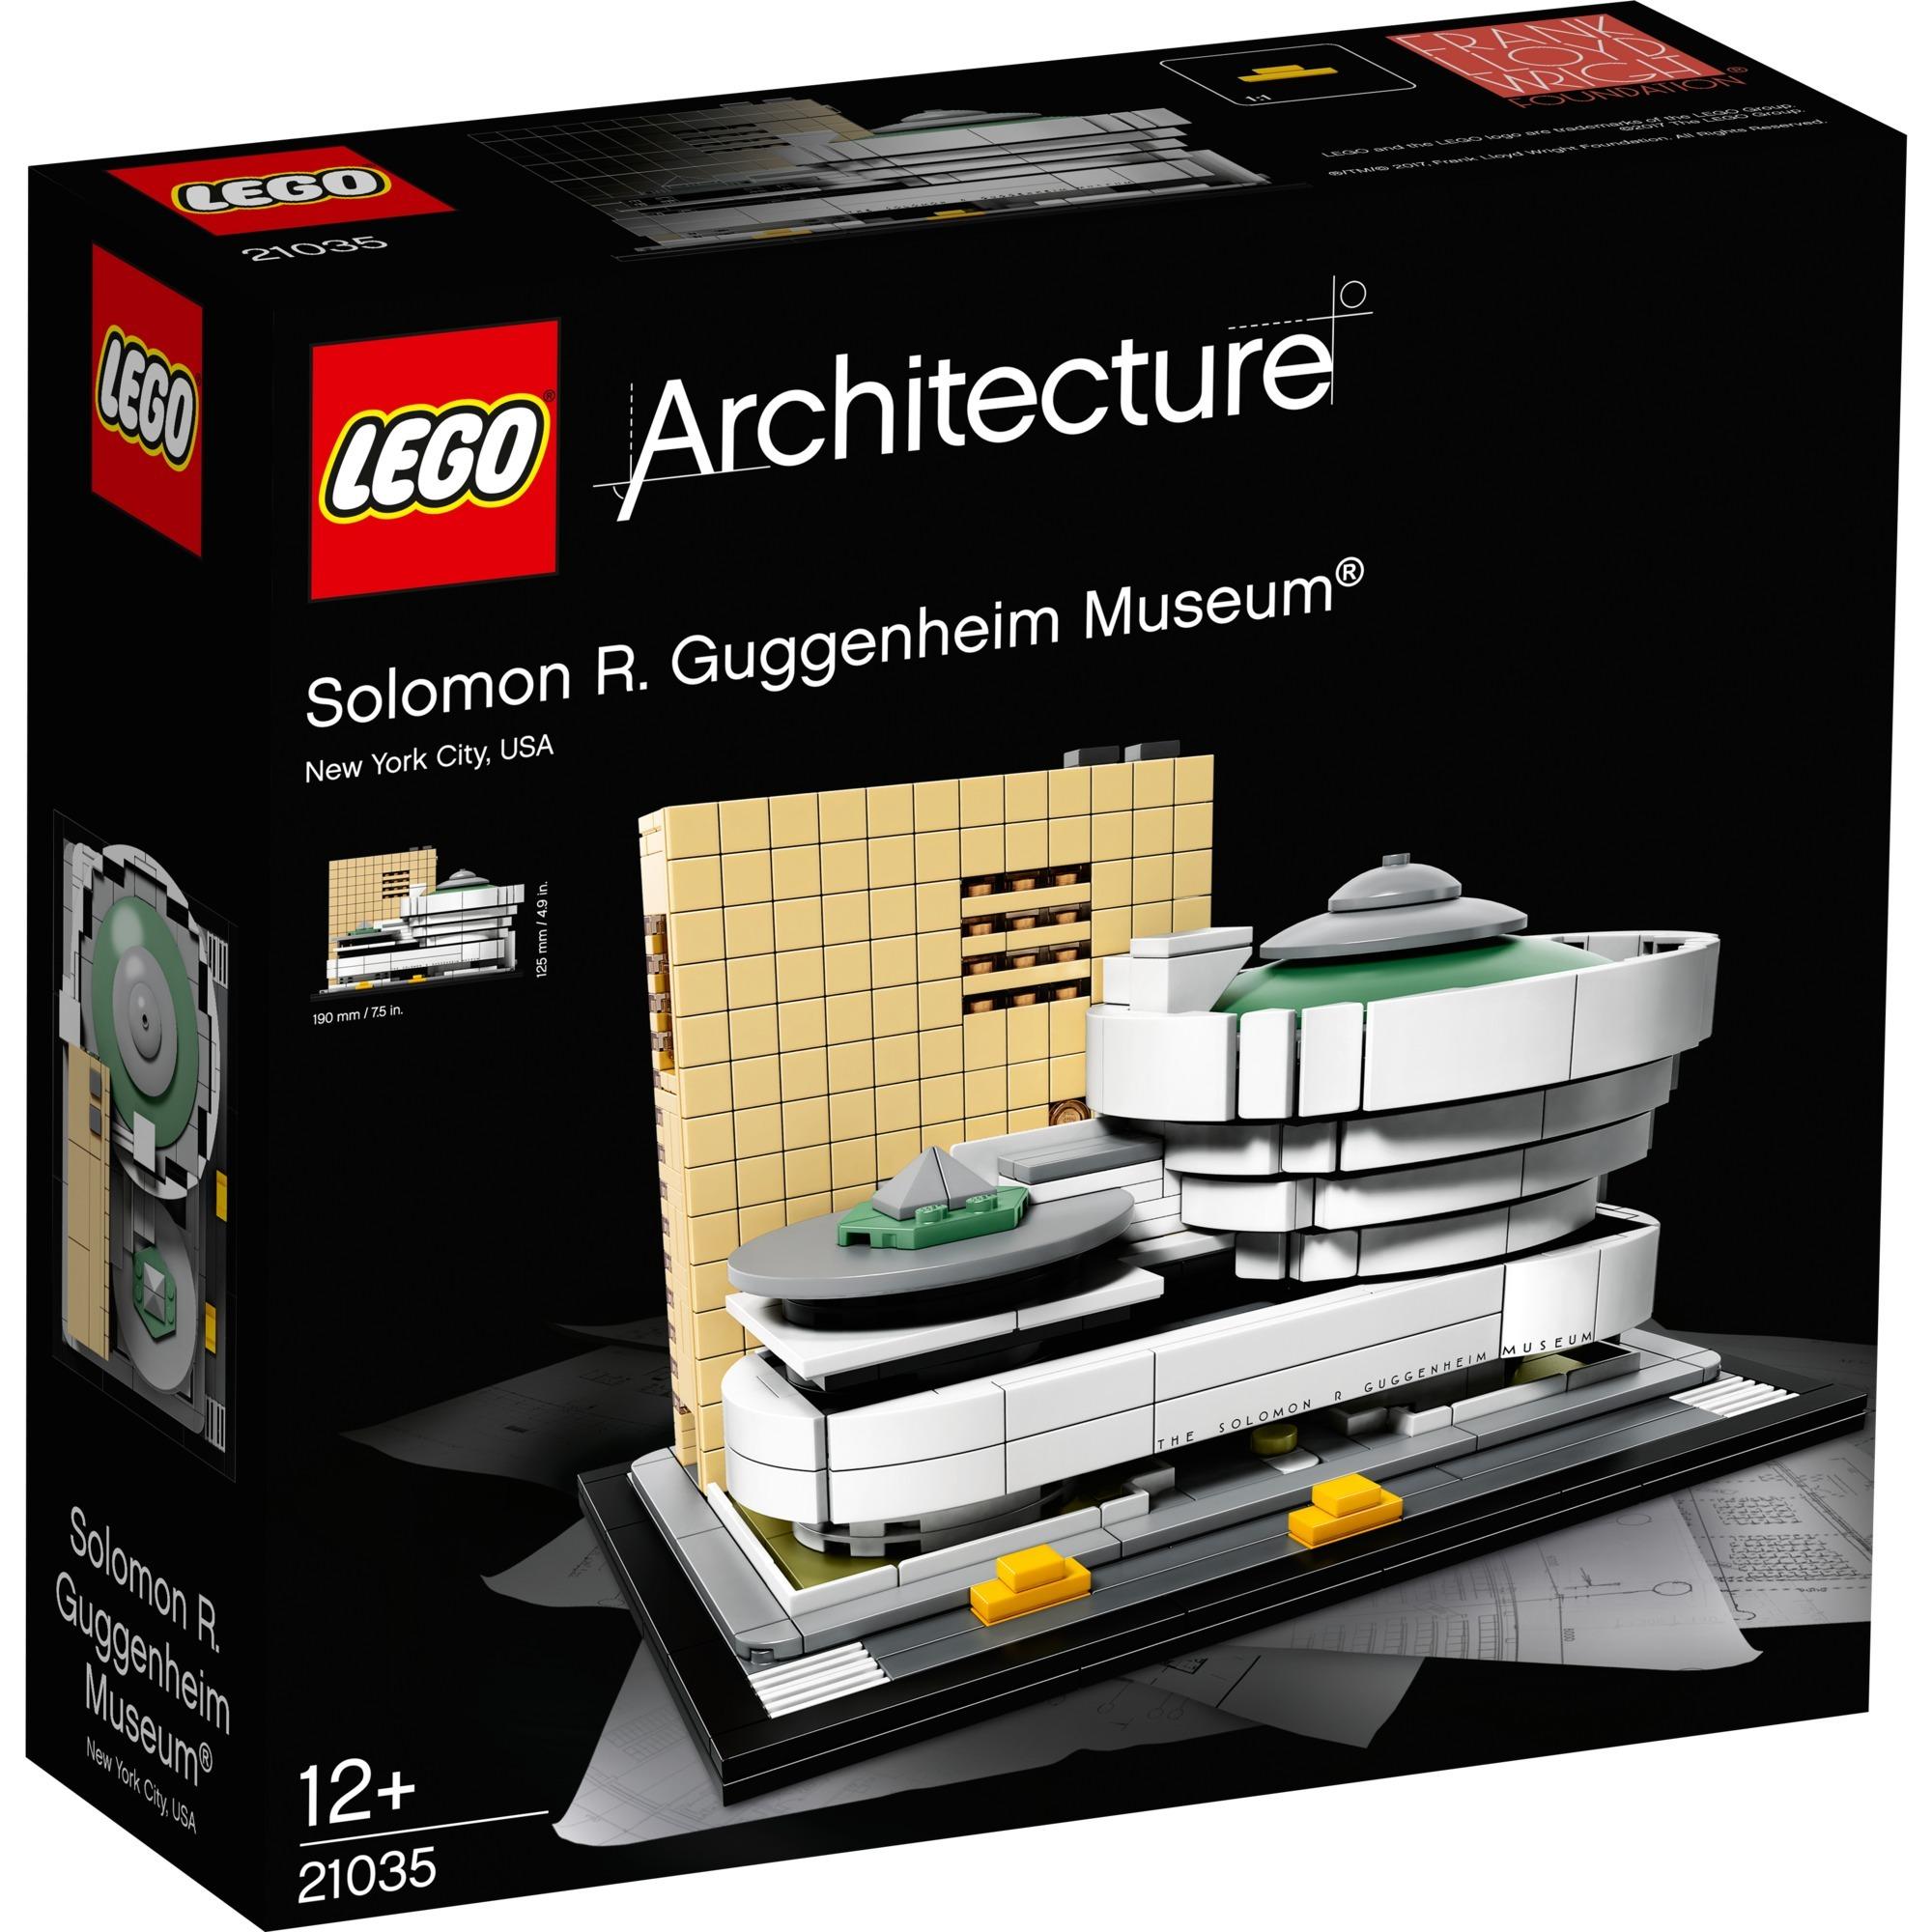 Architecture 21035 Museo Solomon R. Guggenheim, Juegos de construcción